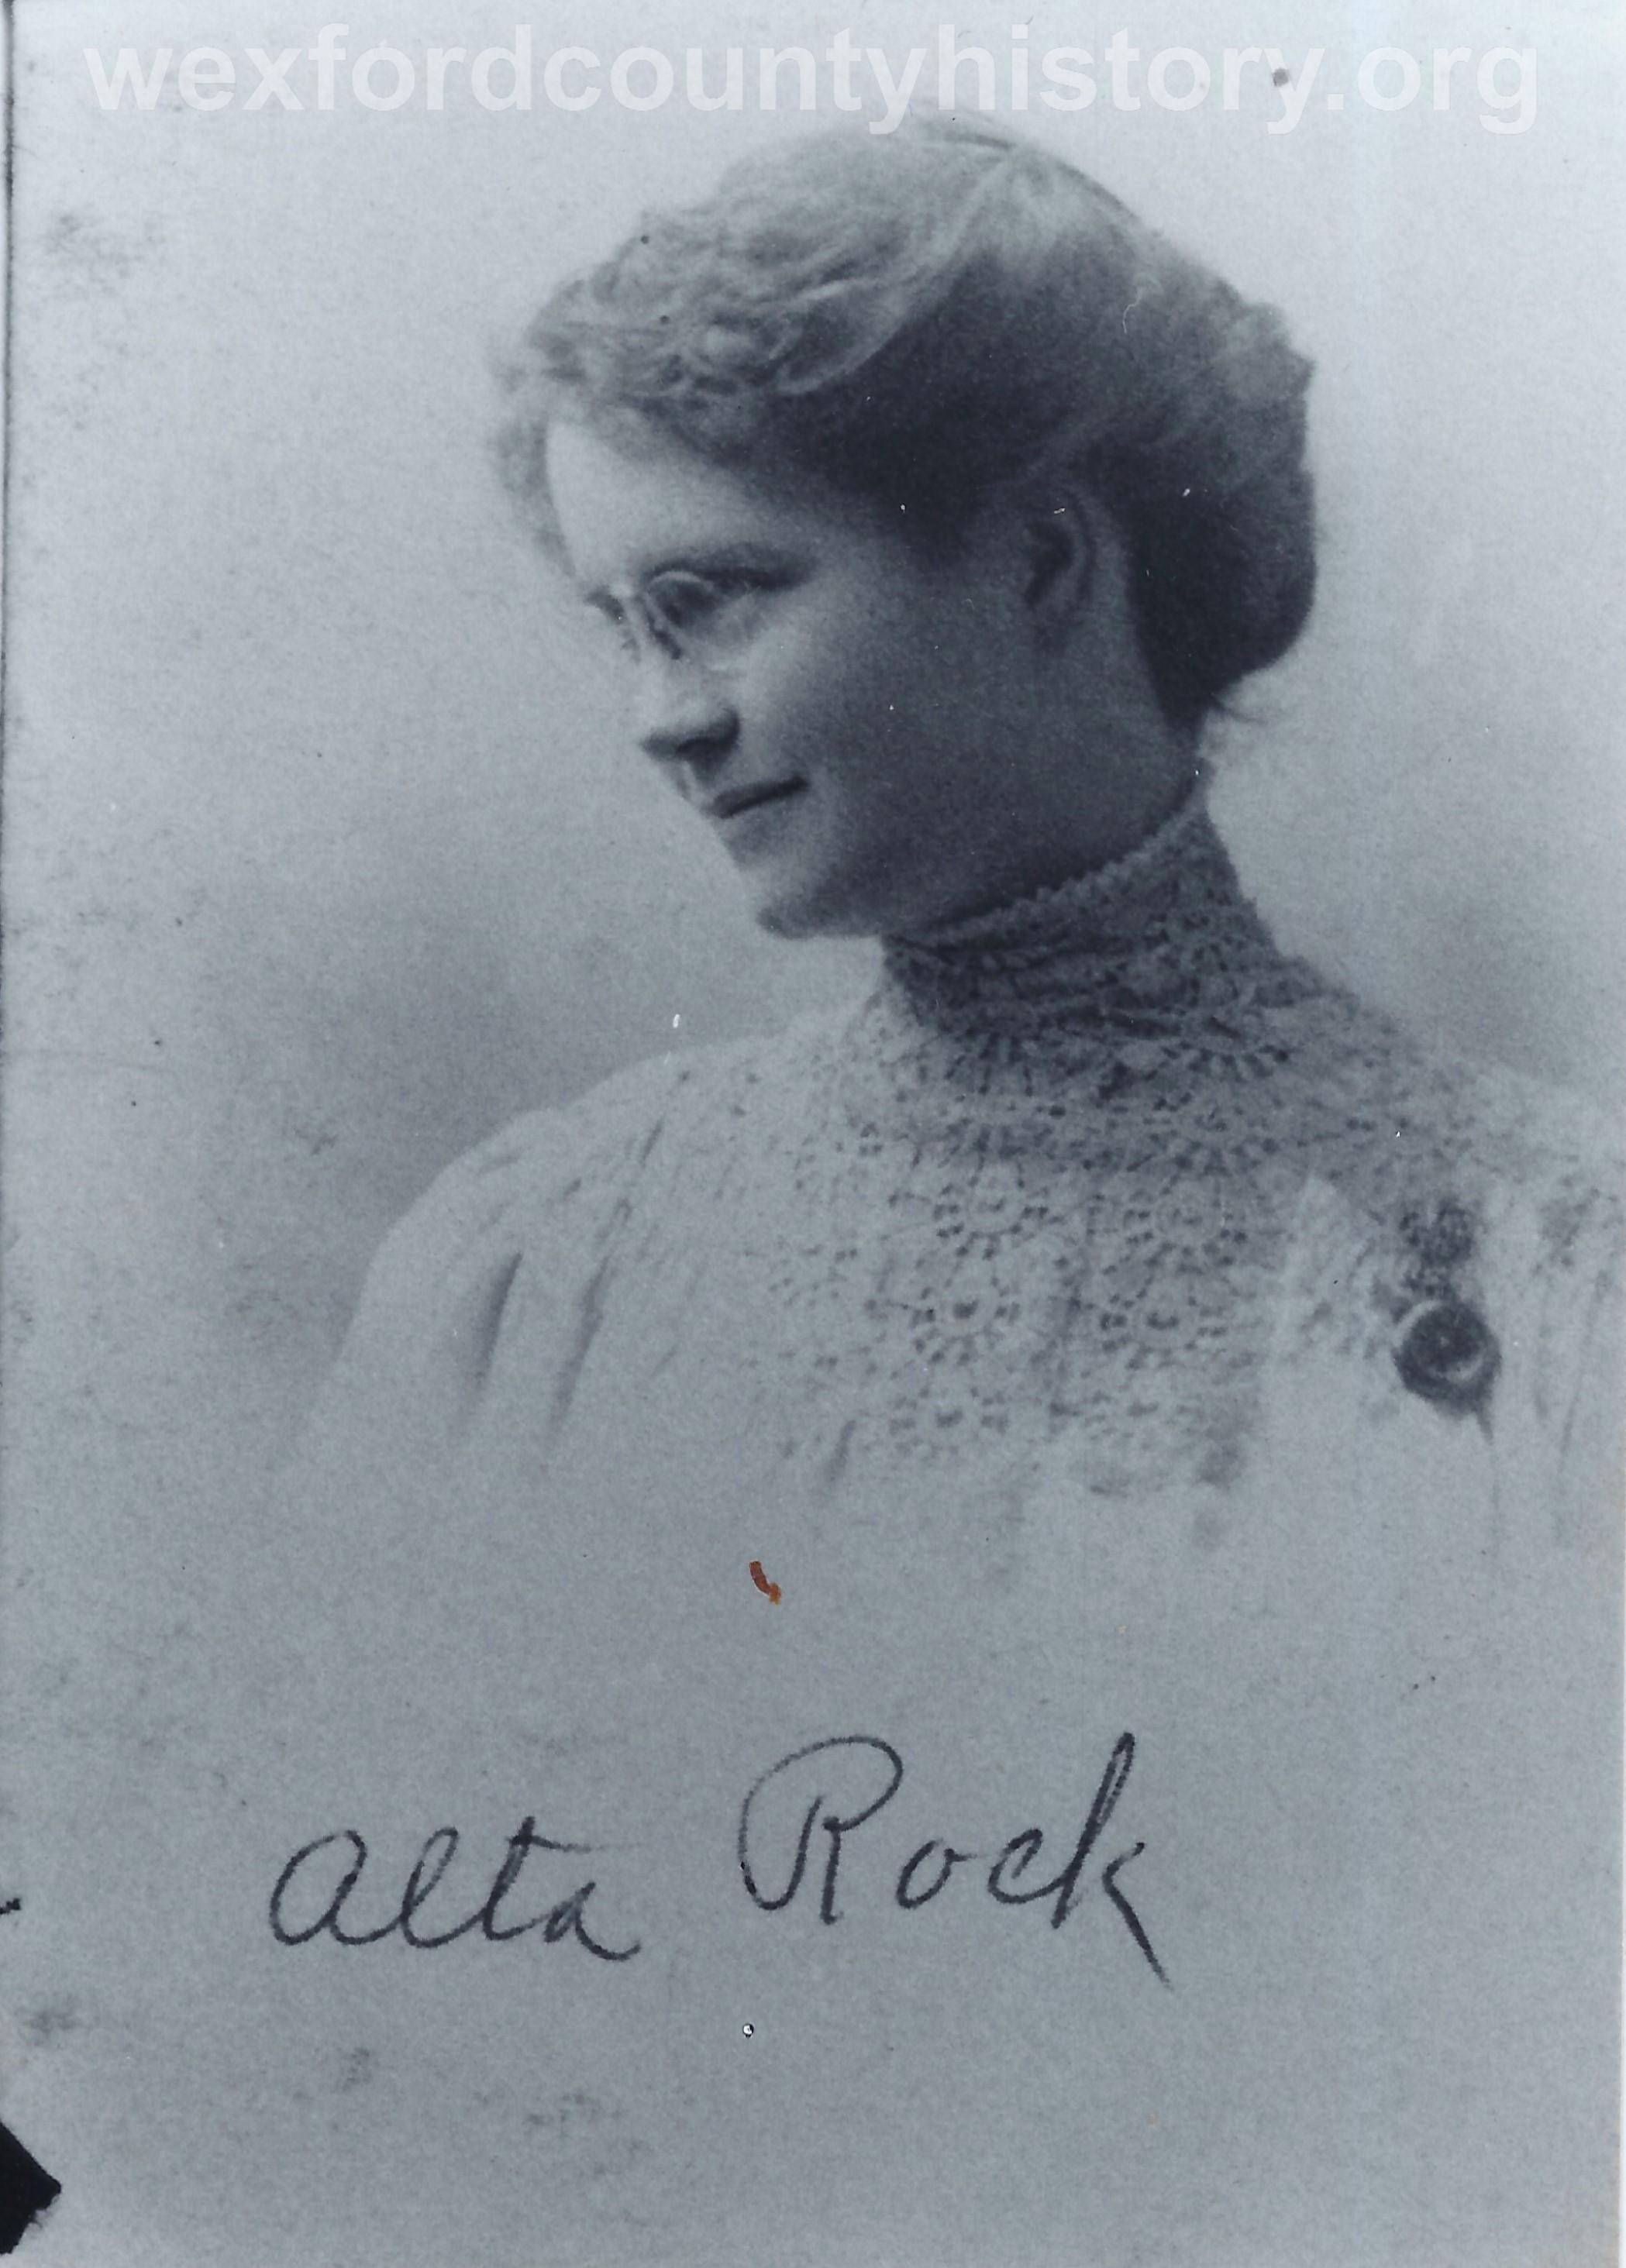 Alta Rock